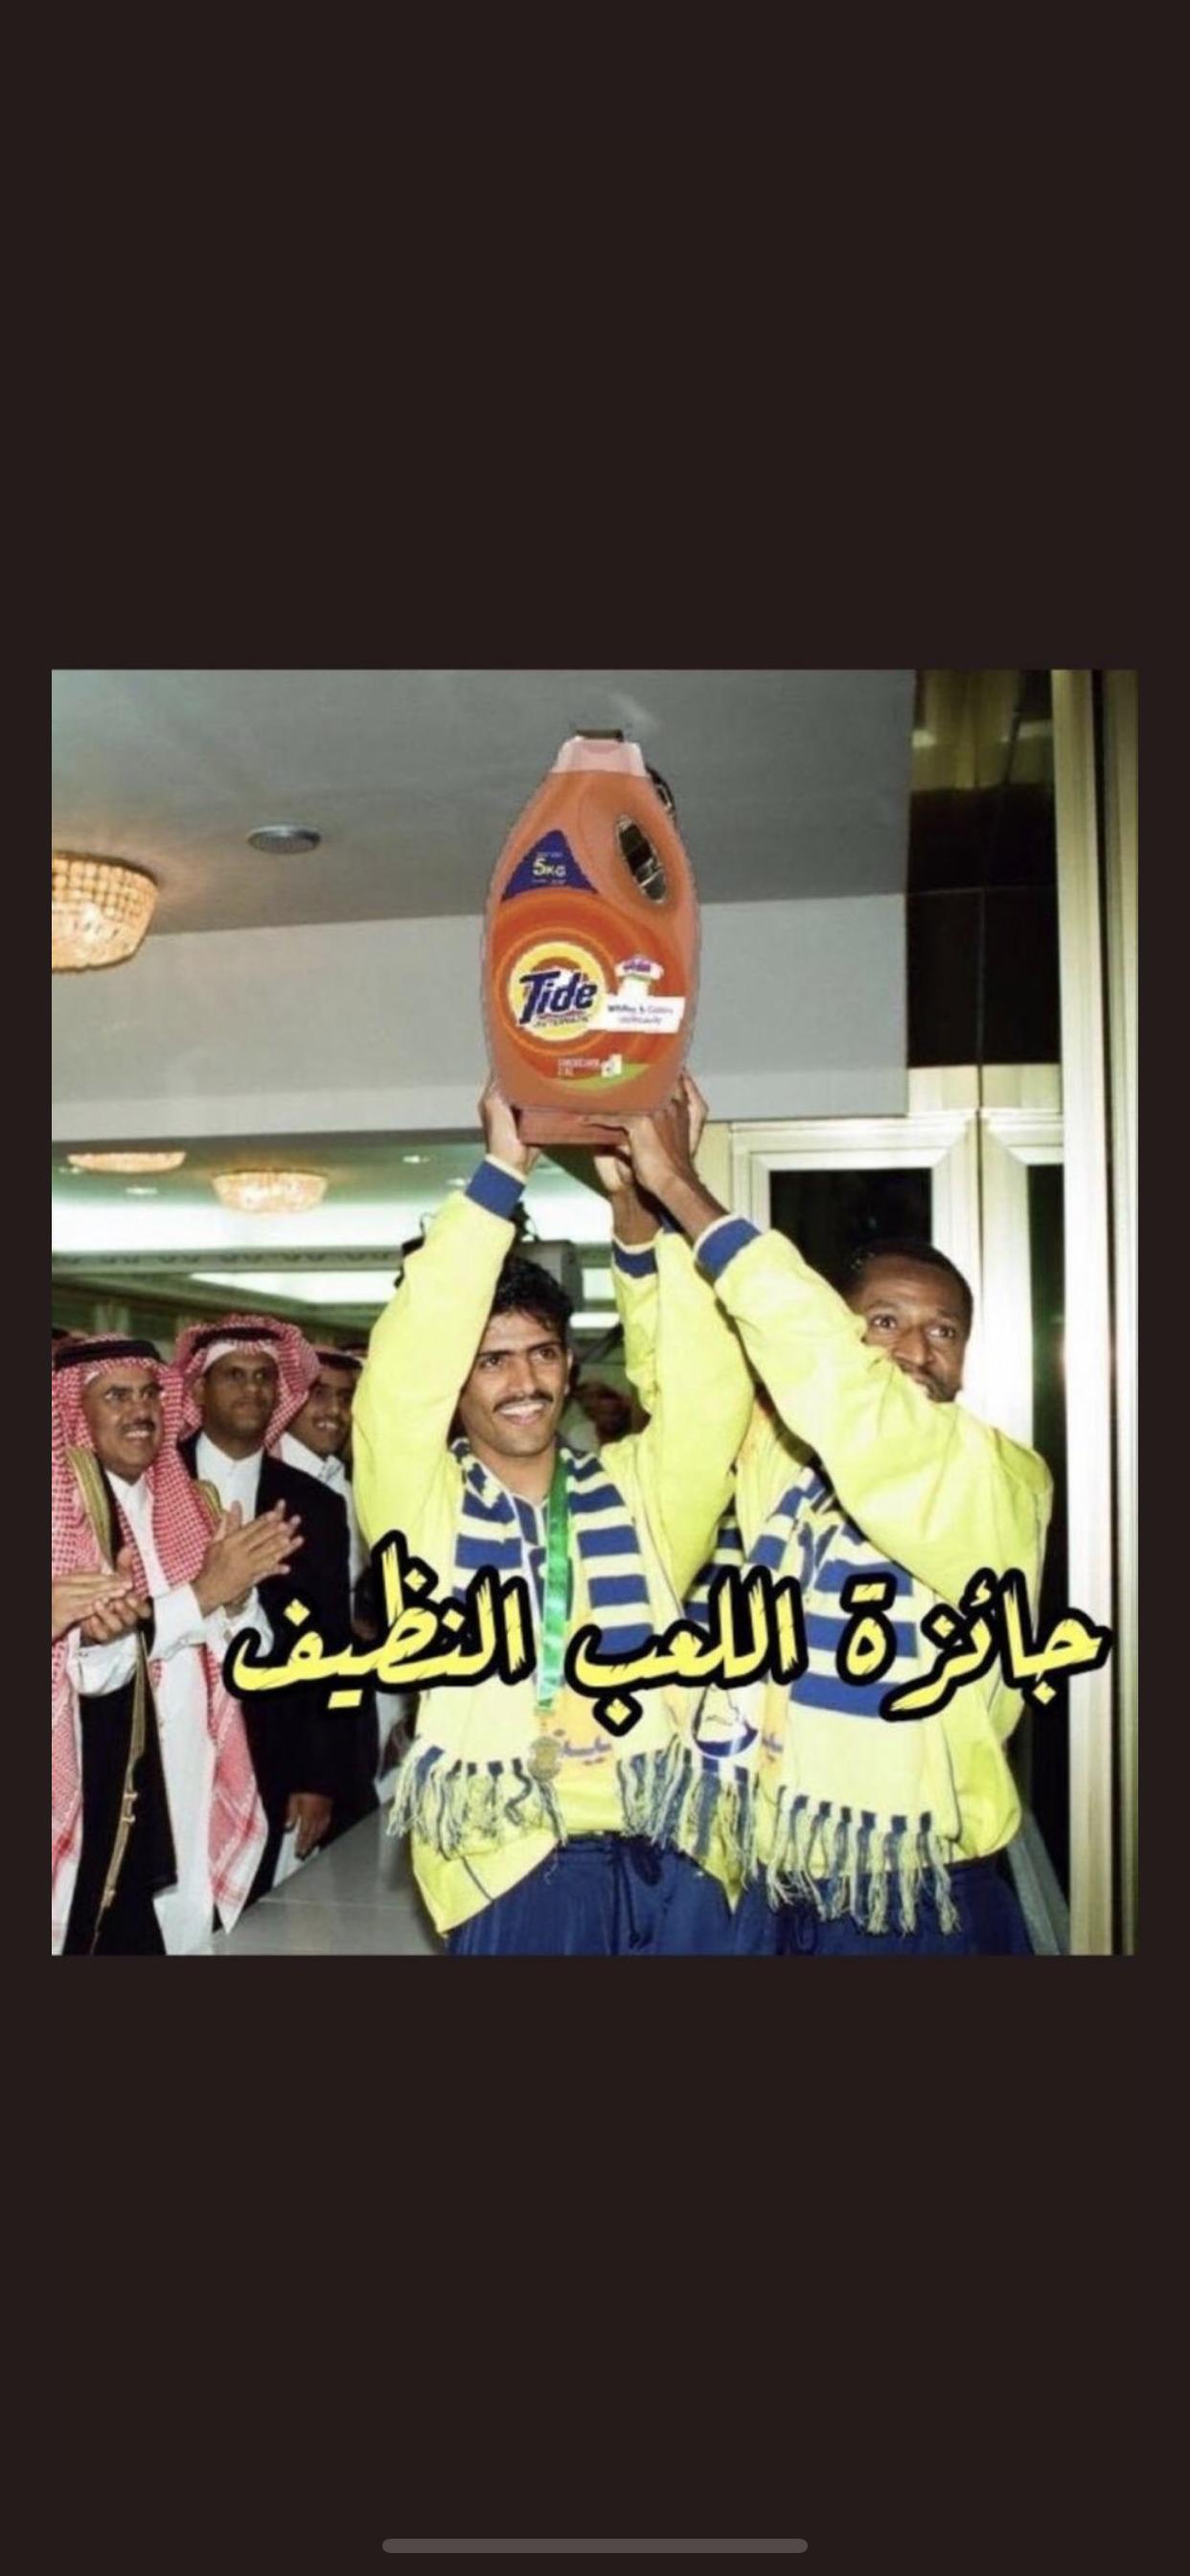 رد: النصر مهد النجوم .. لا لعب جات العلوم